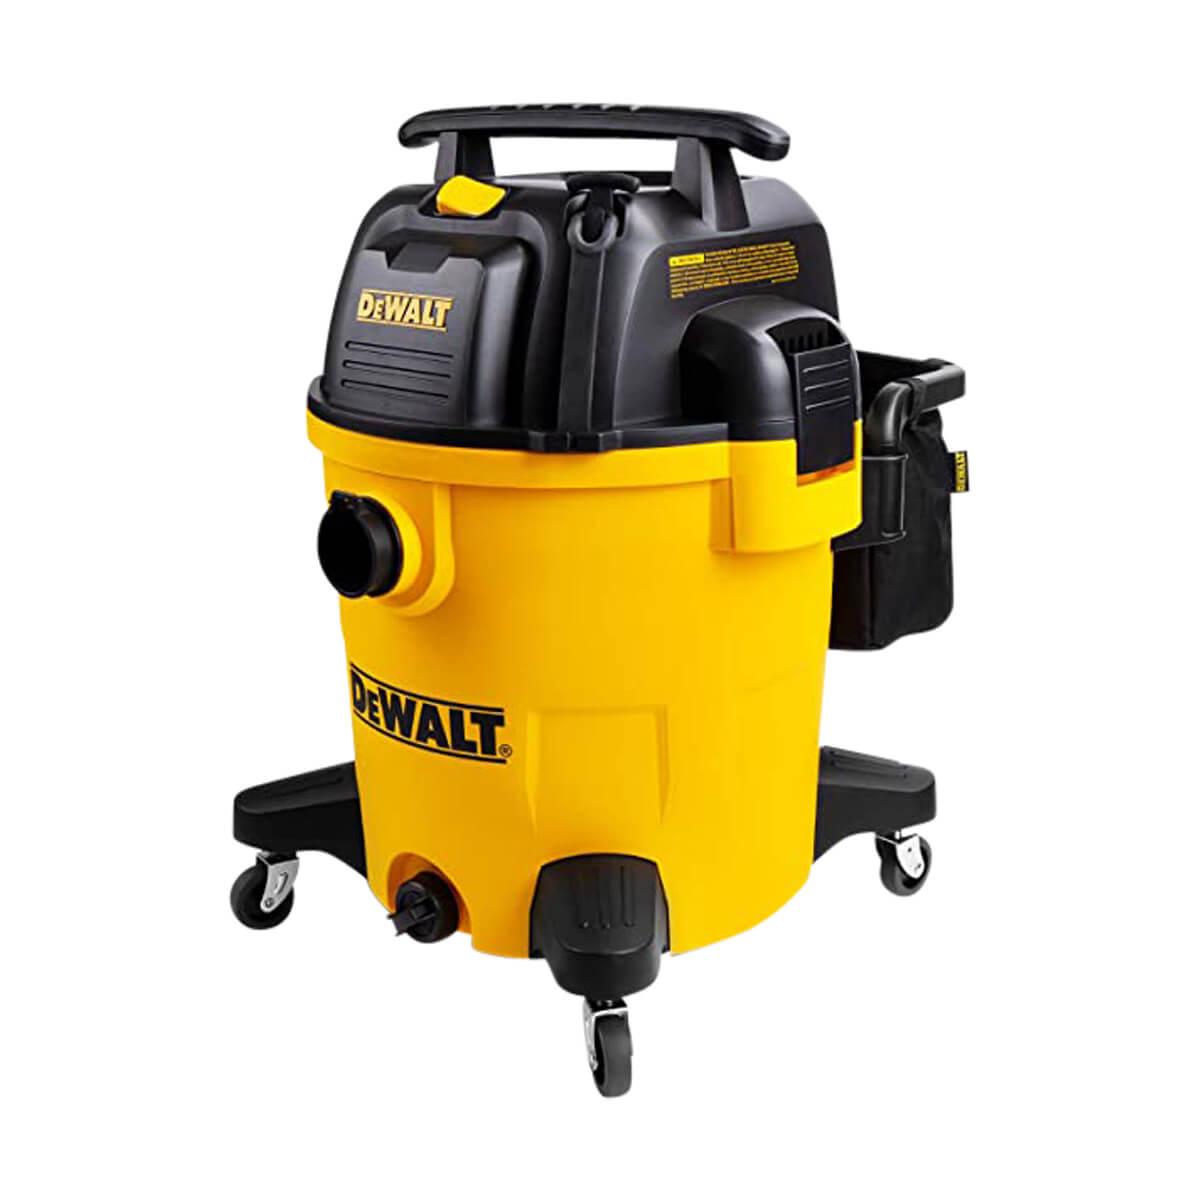 DEWALT 5.5 HP WET/DRY VACUUM - 12 Gal